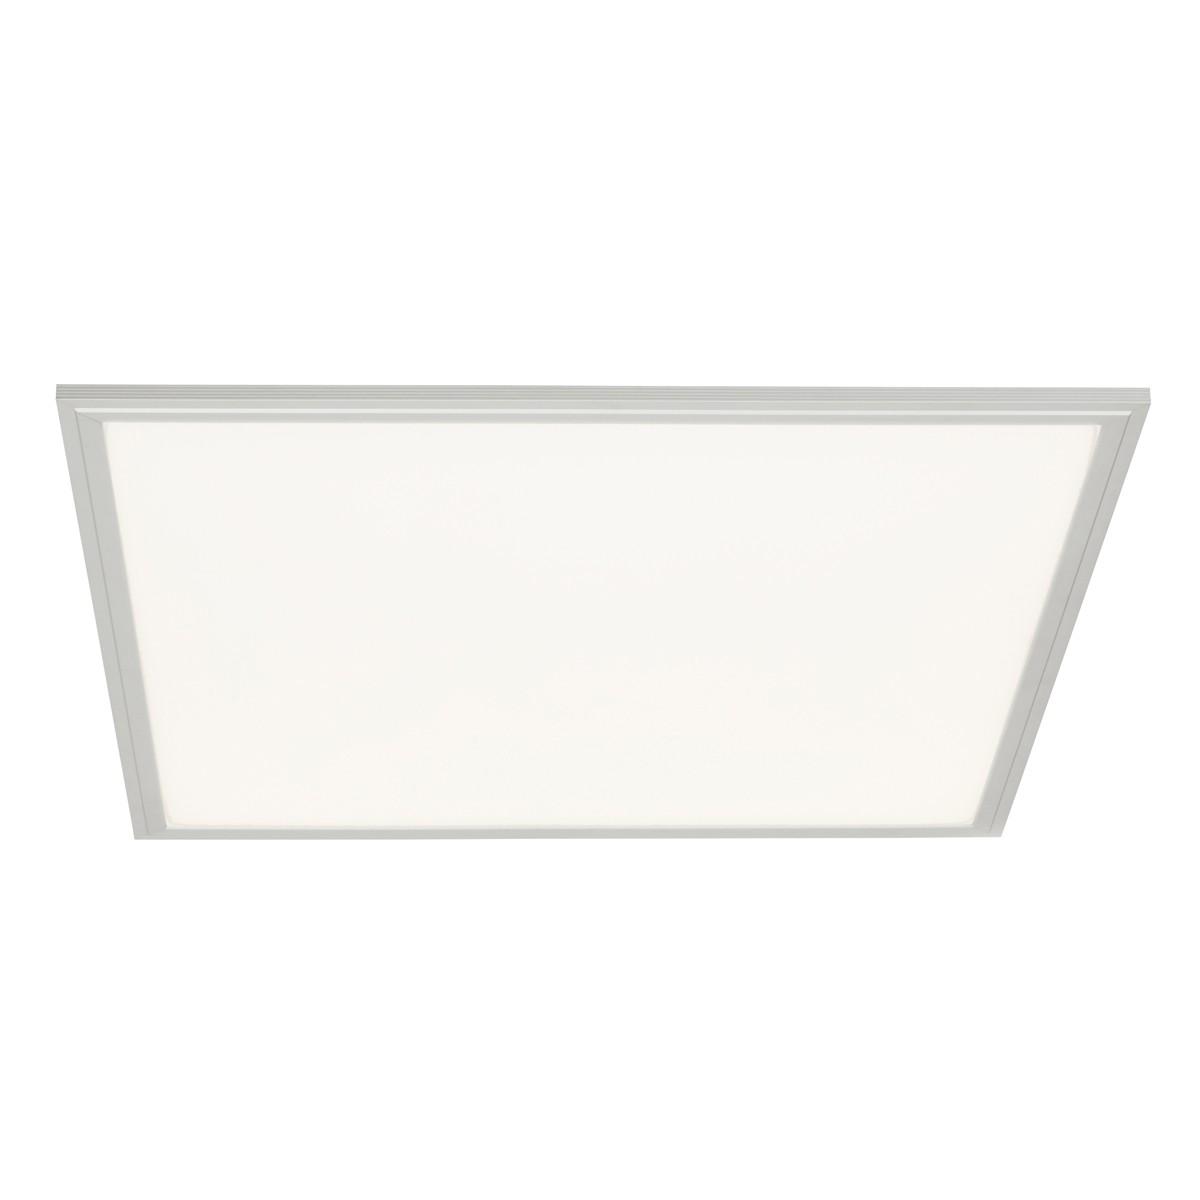 Brilliant Flat Deckenleuchte, quadratisch, 60 x 60 cm, Aluminium